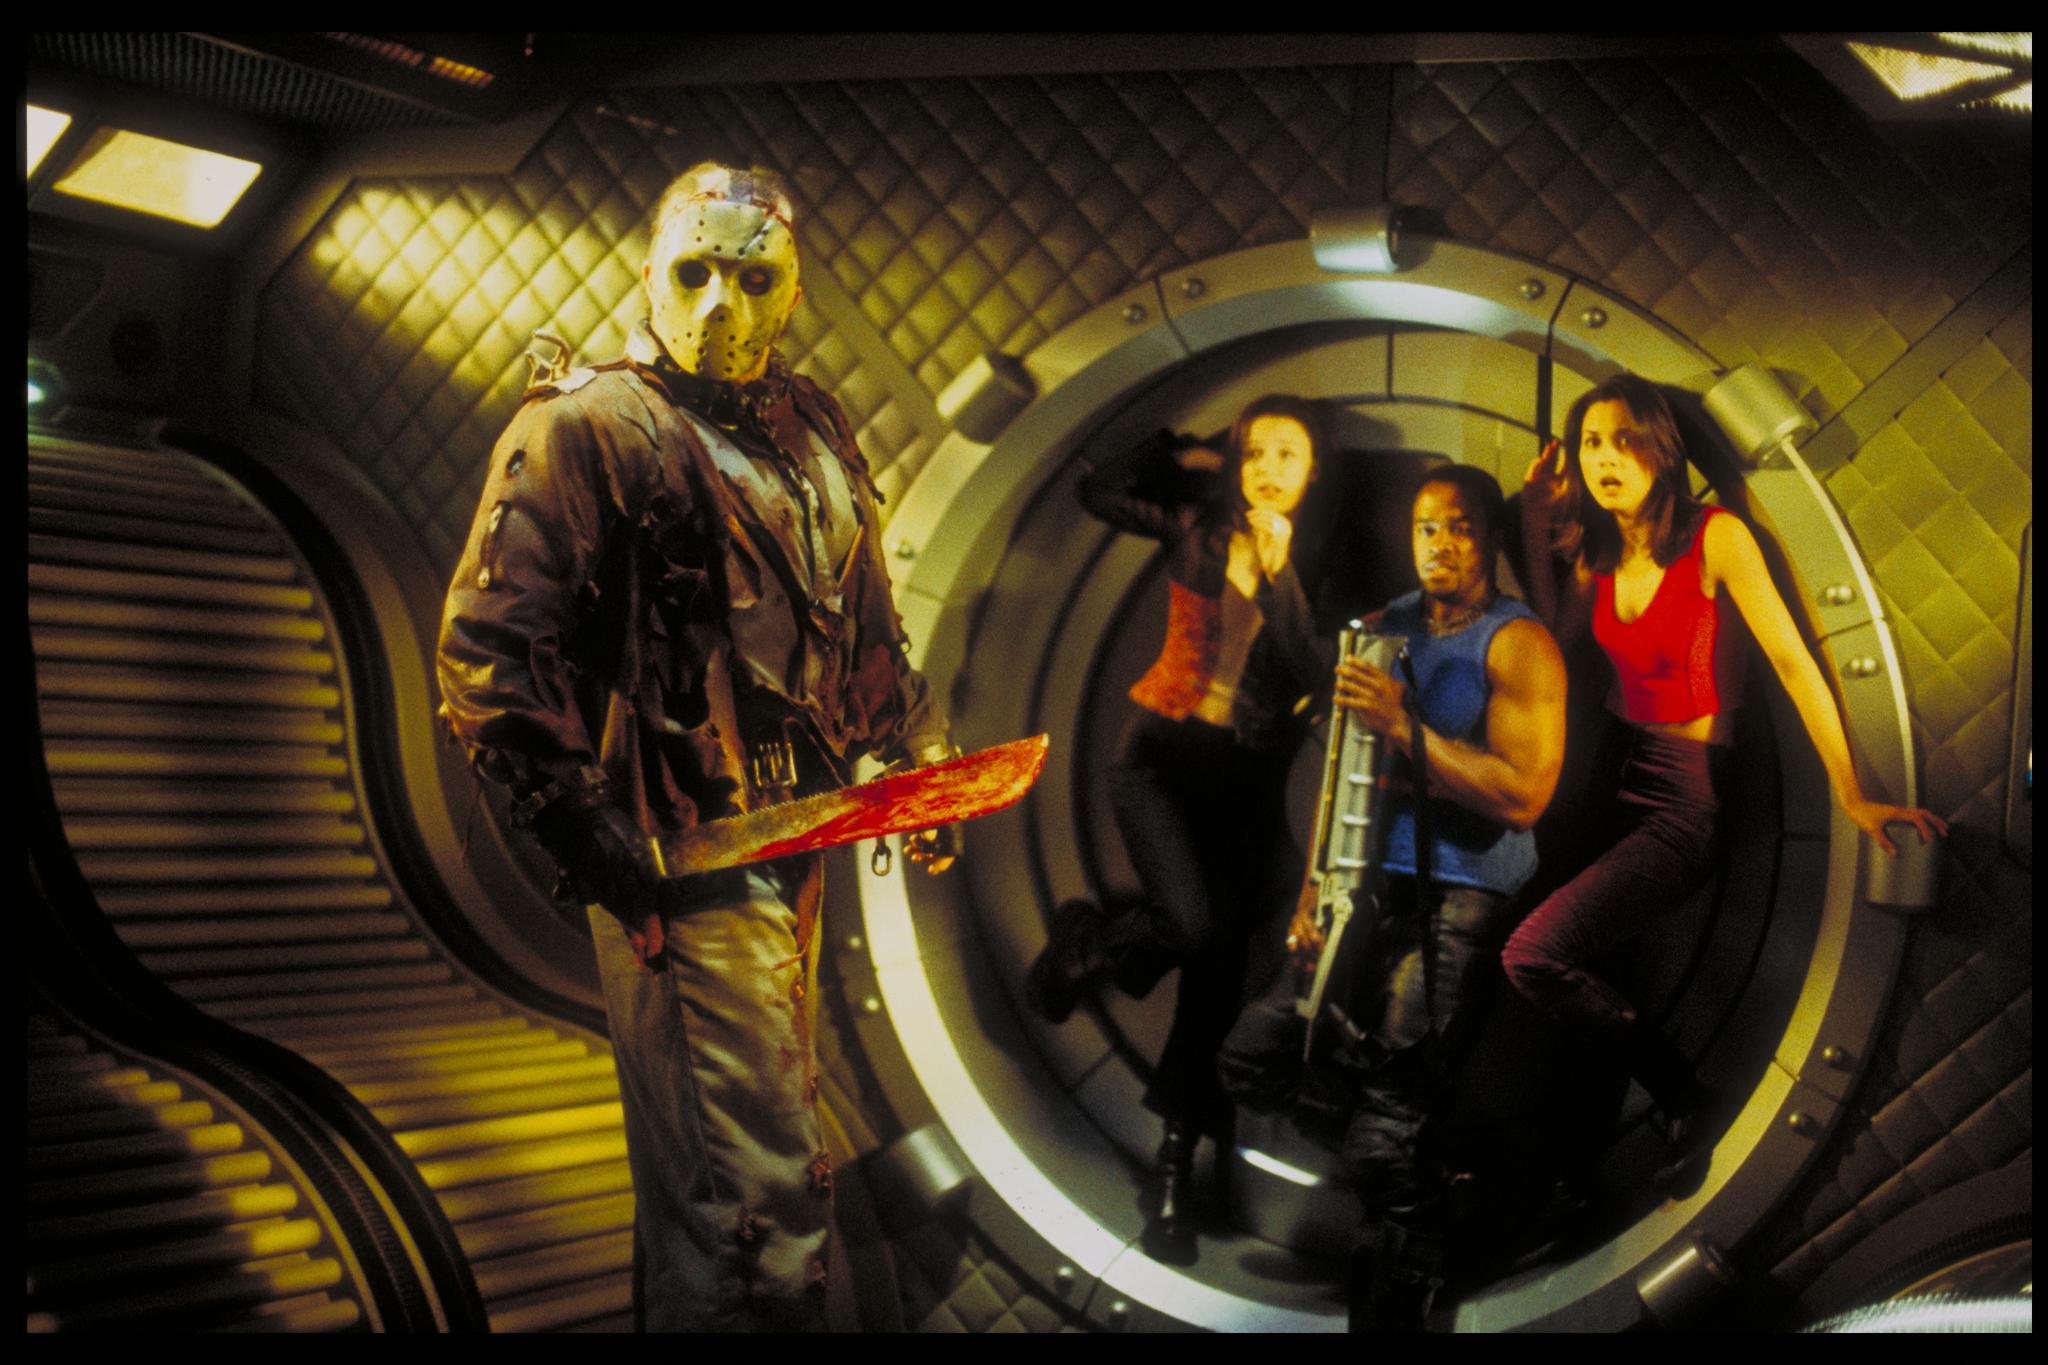 """In """"Jason X,"""" the titular murderer wreaks havoc in space."""